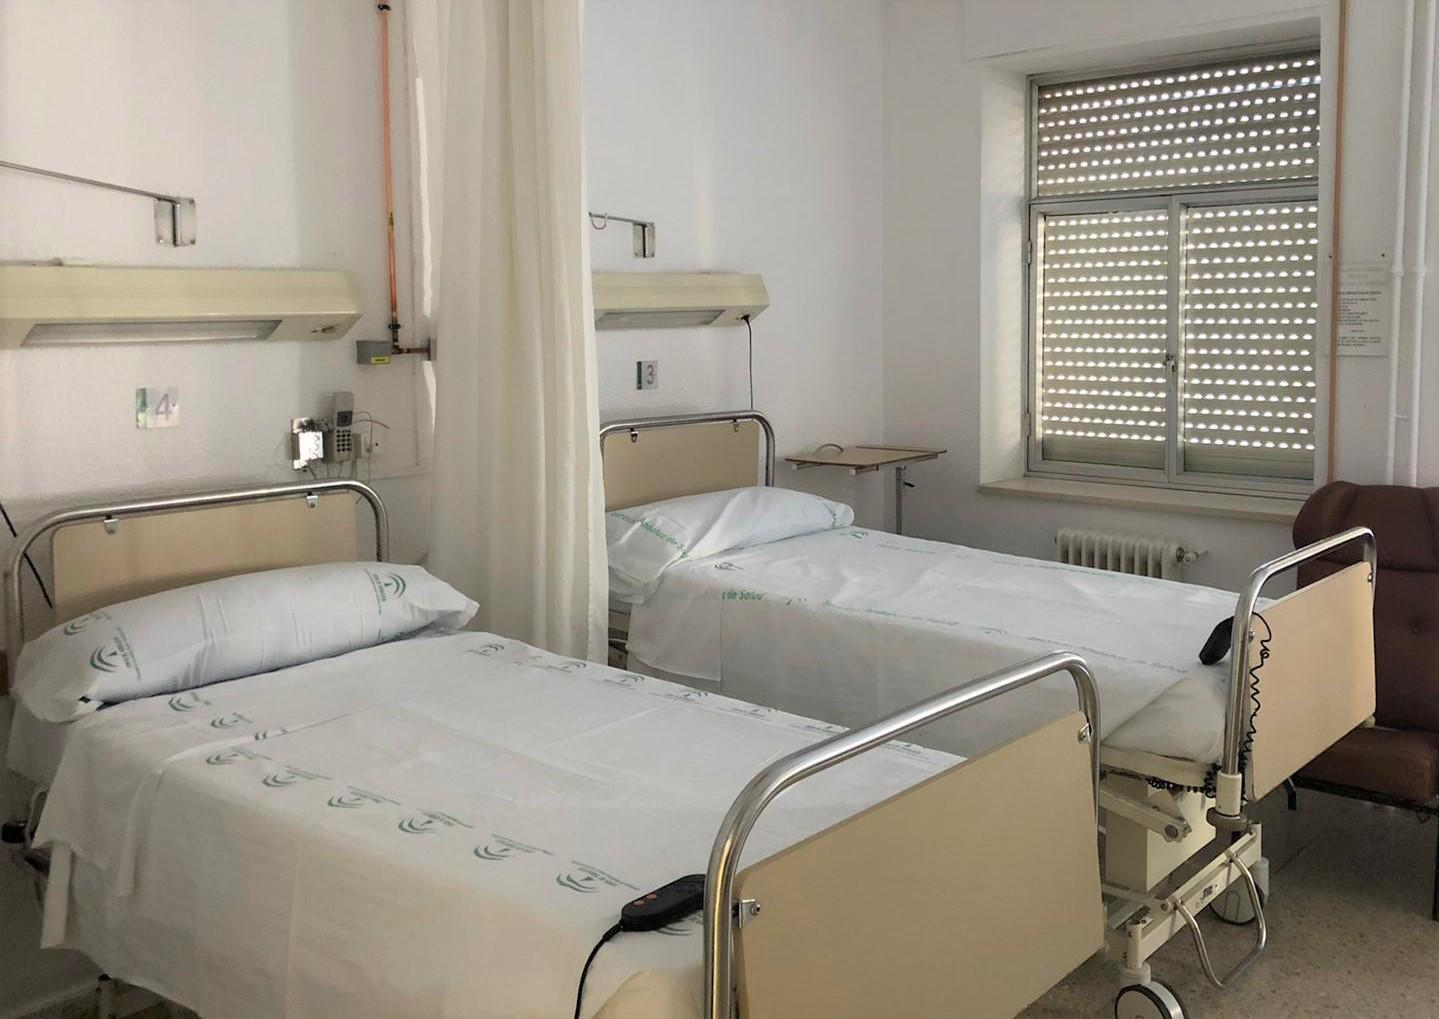 Comienzan los traslados de pacientes desde el PTS al antiguo Hospital Clínico